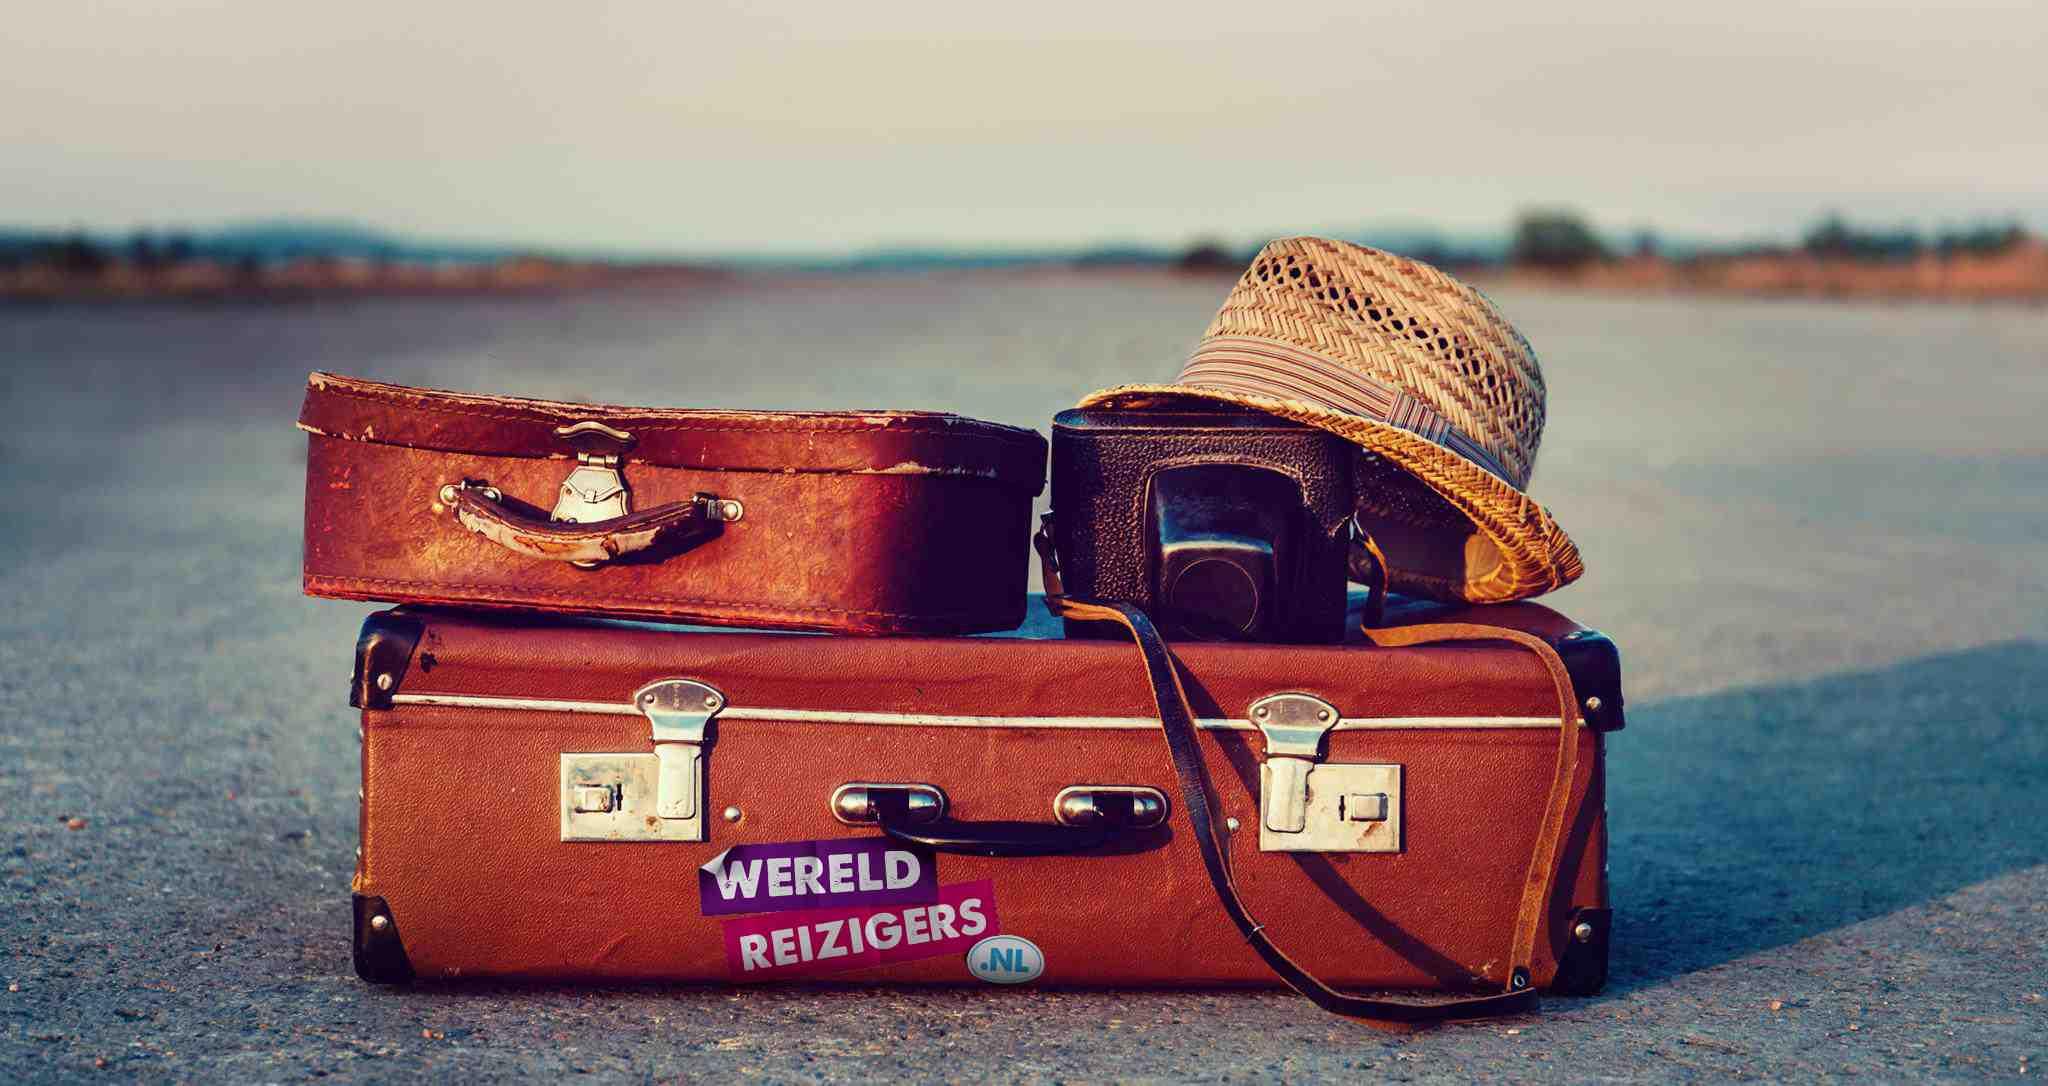 wereldreiziger koffer